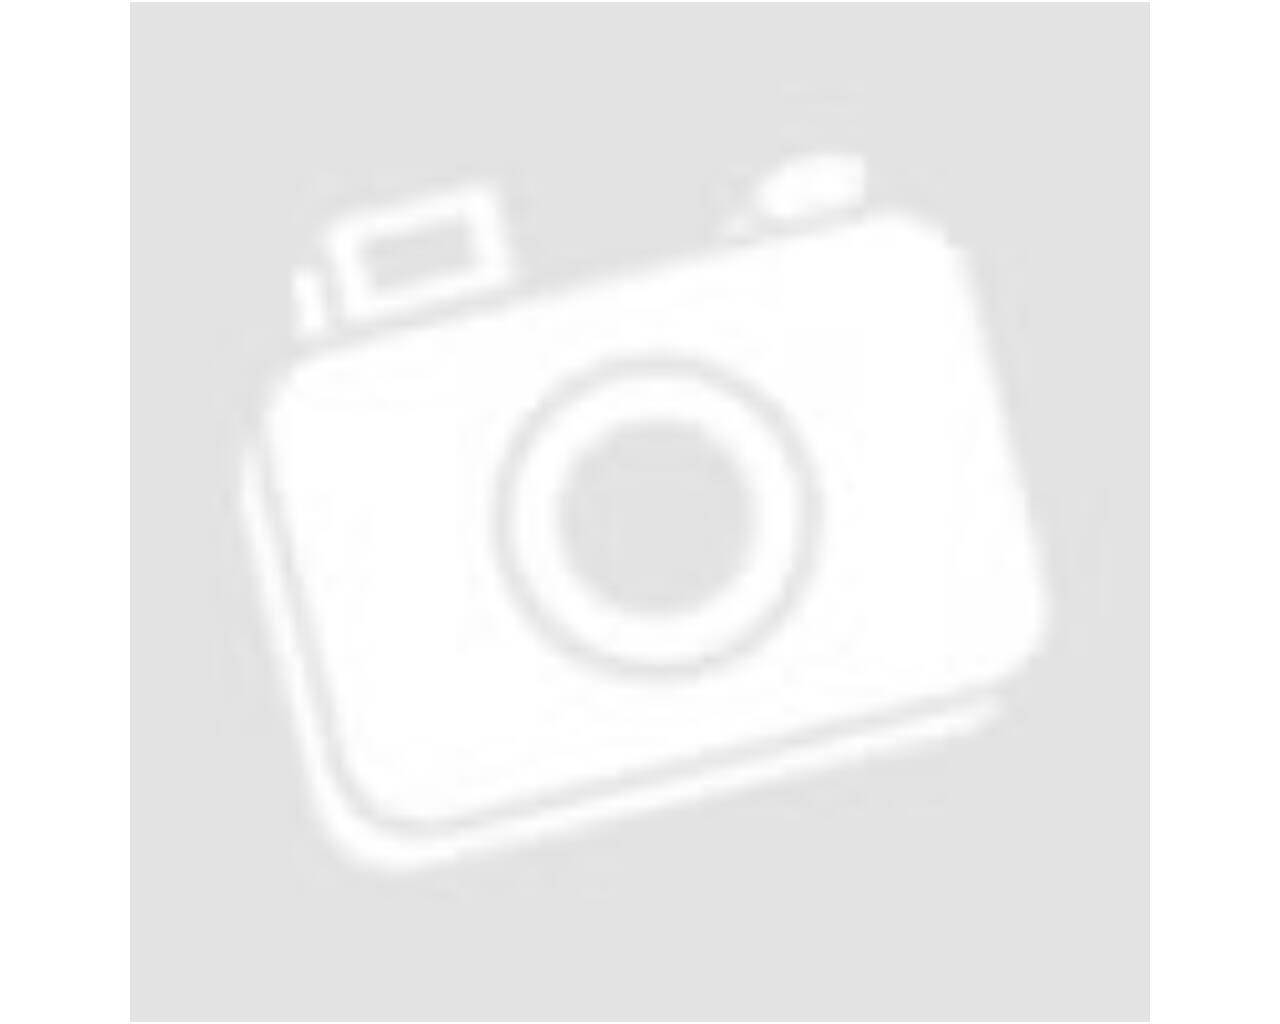 Mosdókagyló, Kadda Keops R04-035 fehér, 60 cm